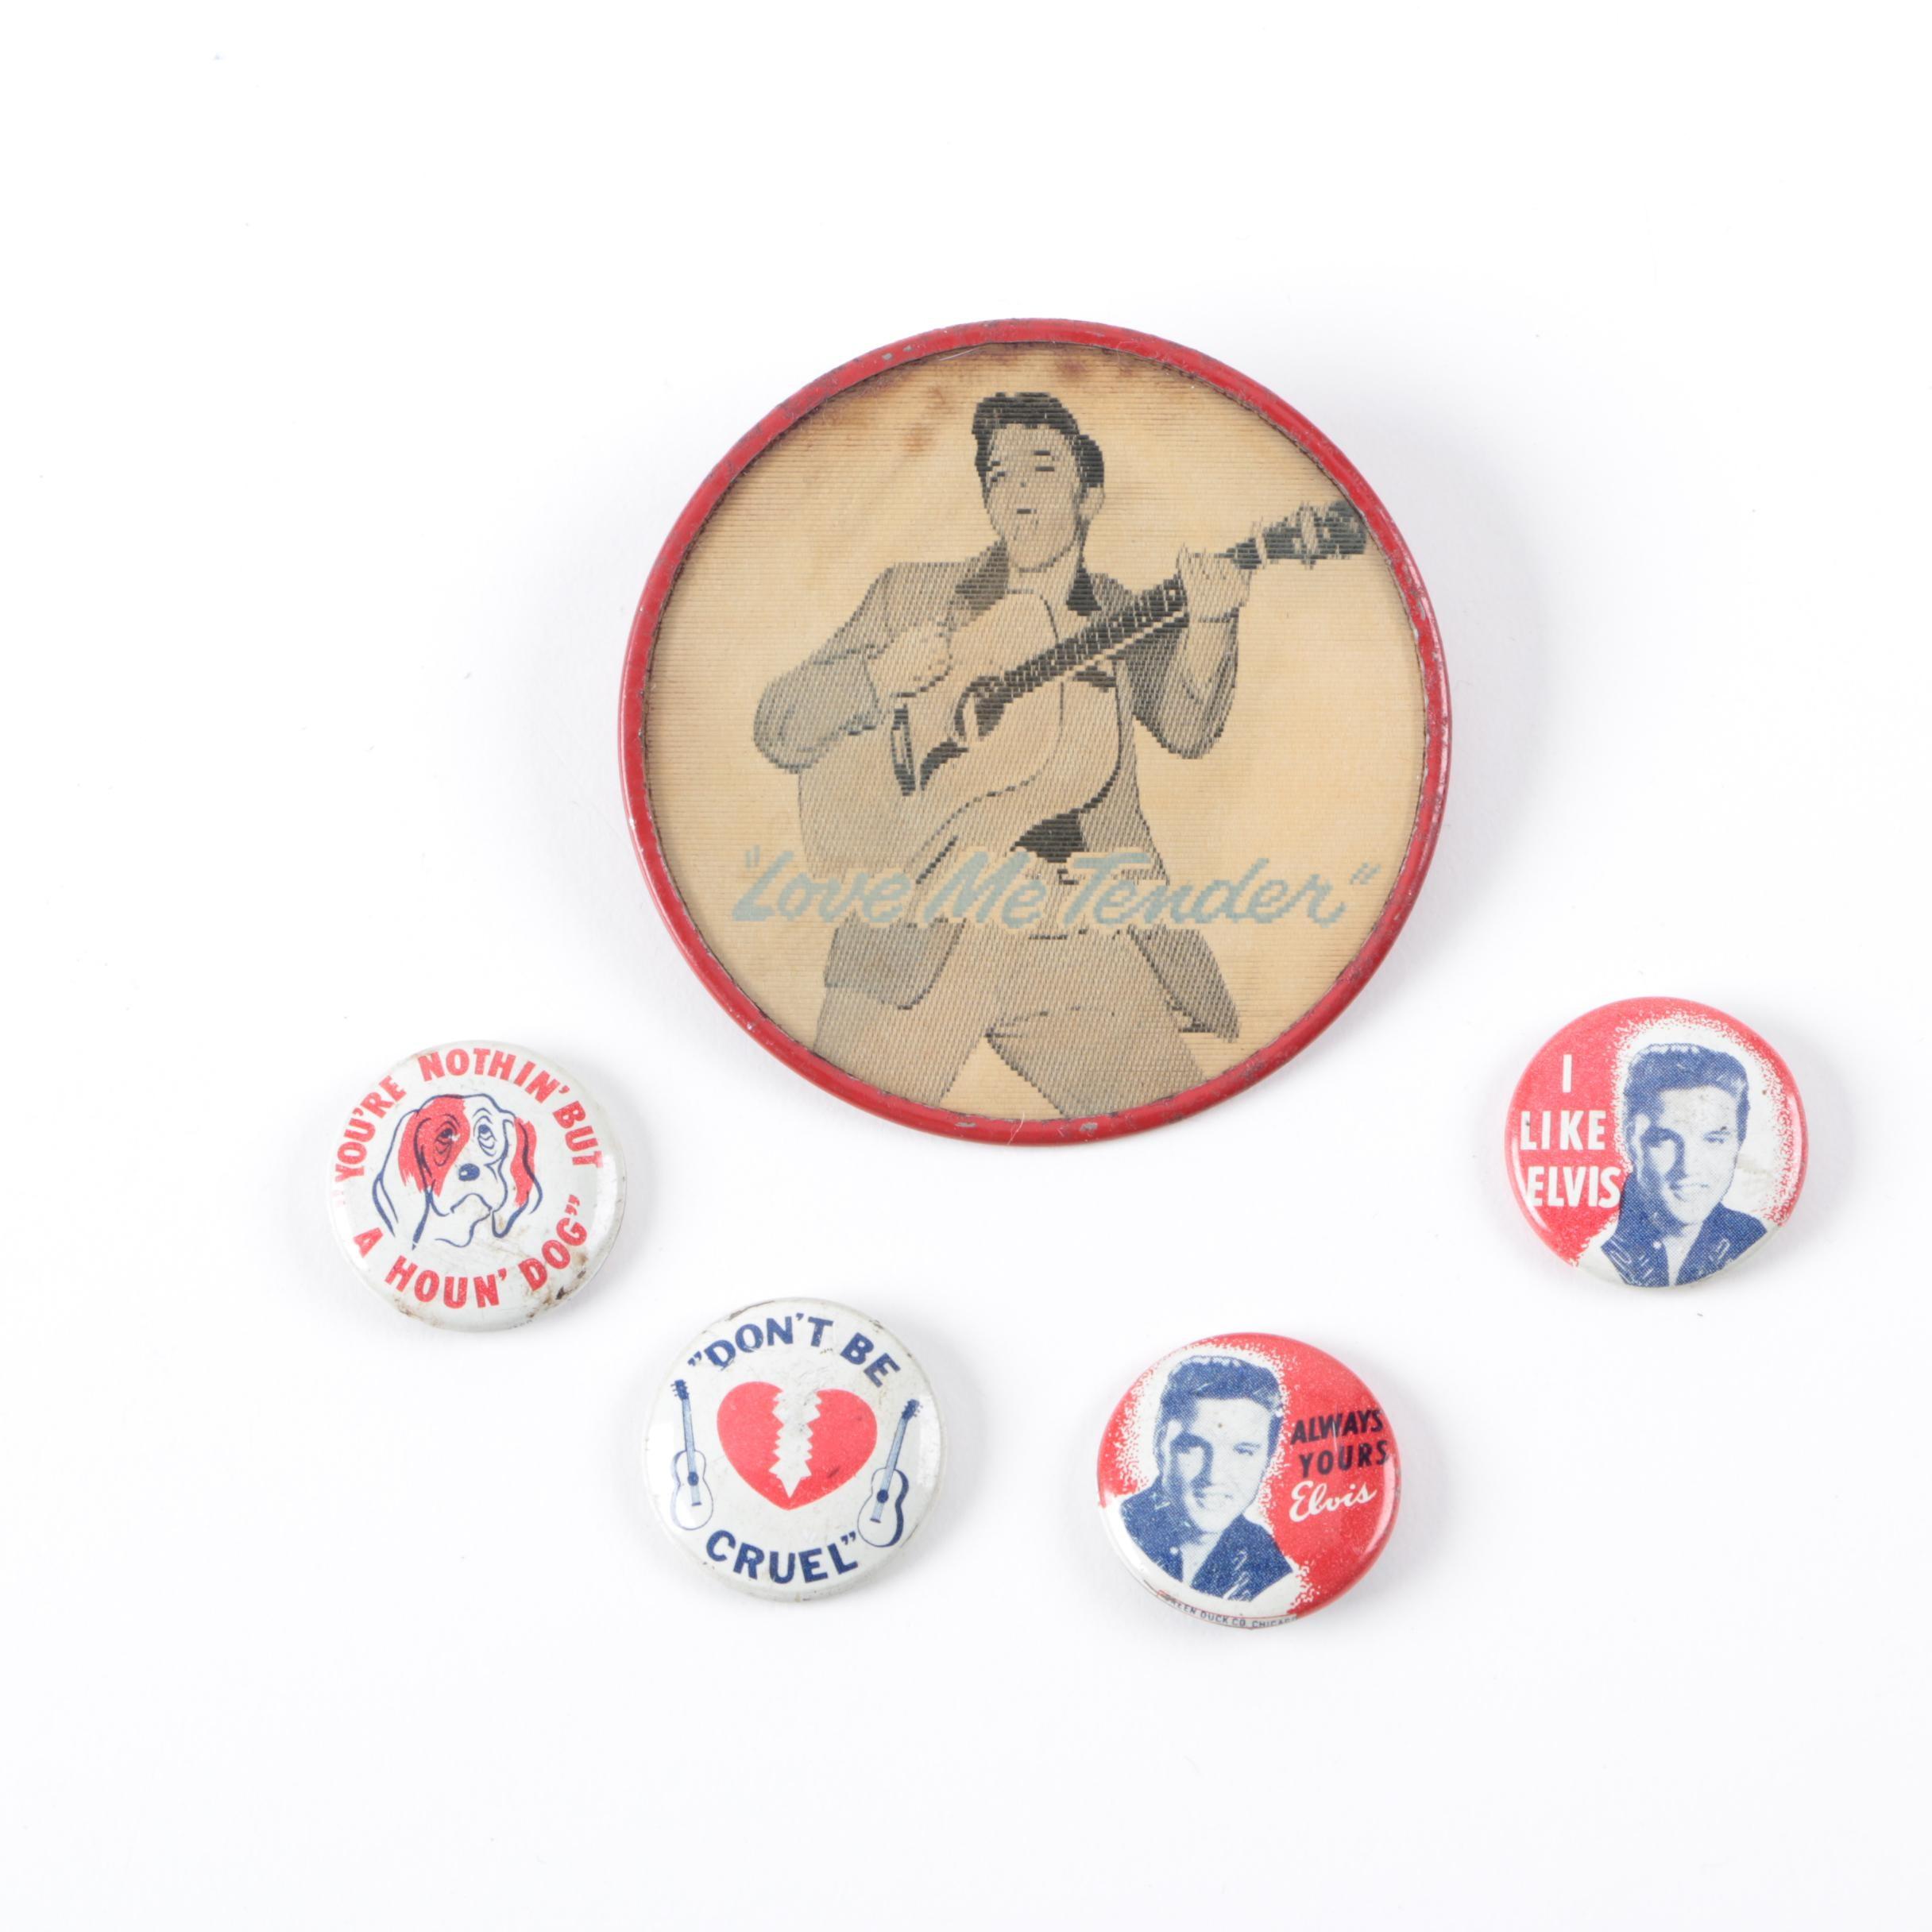 Elvis Presley Button Memorabilia